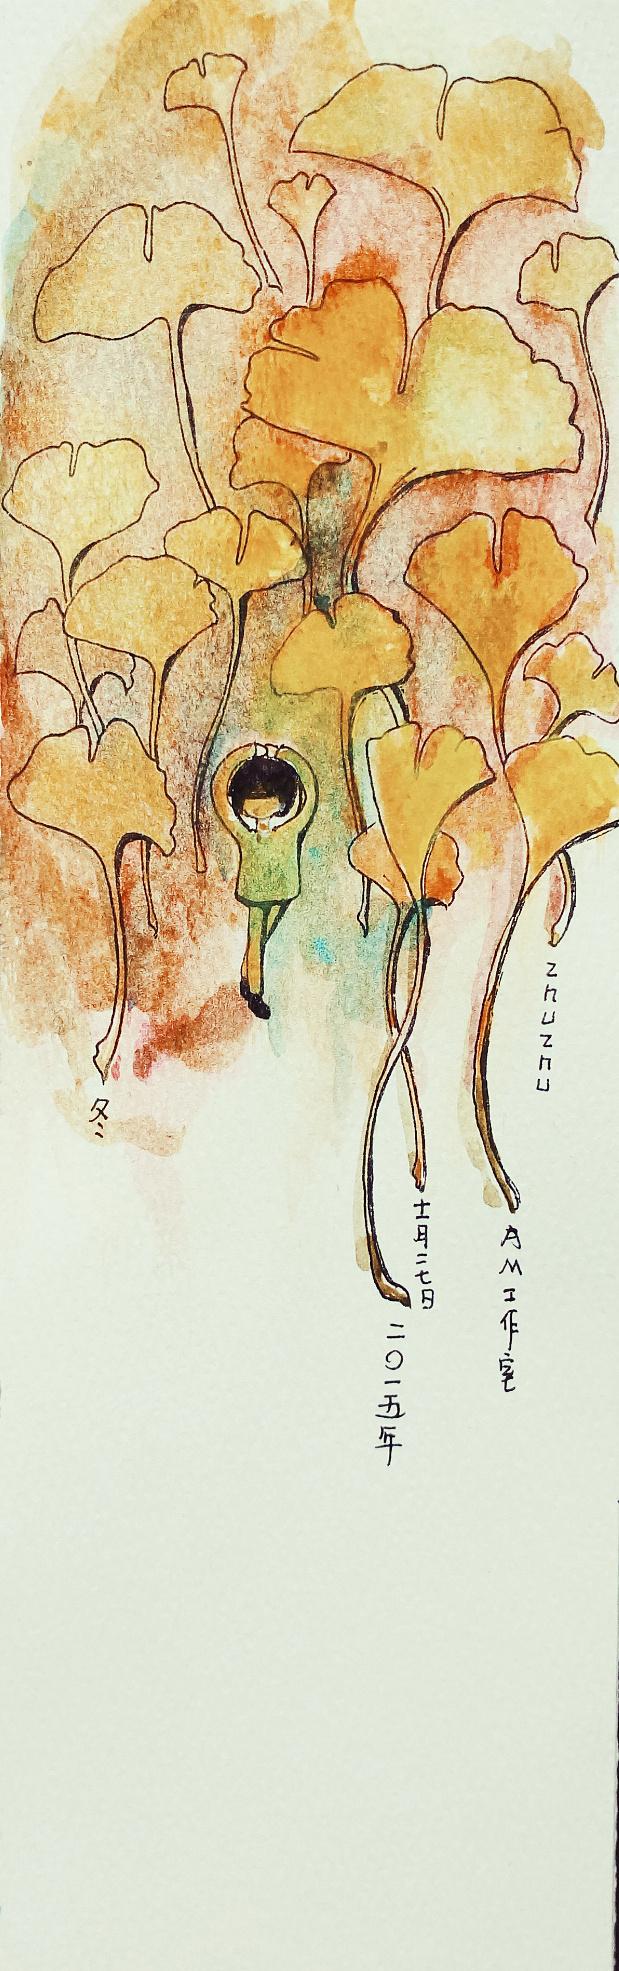 性交配囹?a?9?+zhm_随心(水彩)|插画|其他插画|zhm敏 - 原创作品 - 站酷